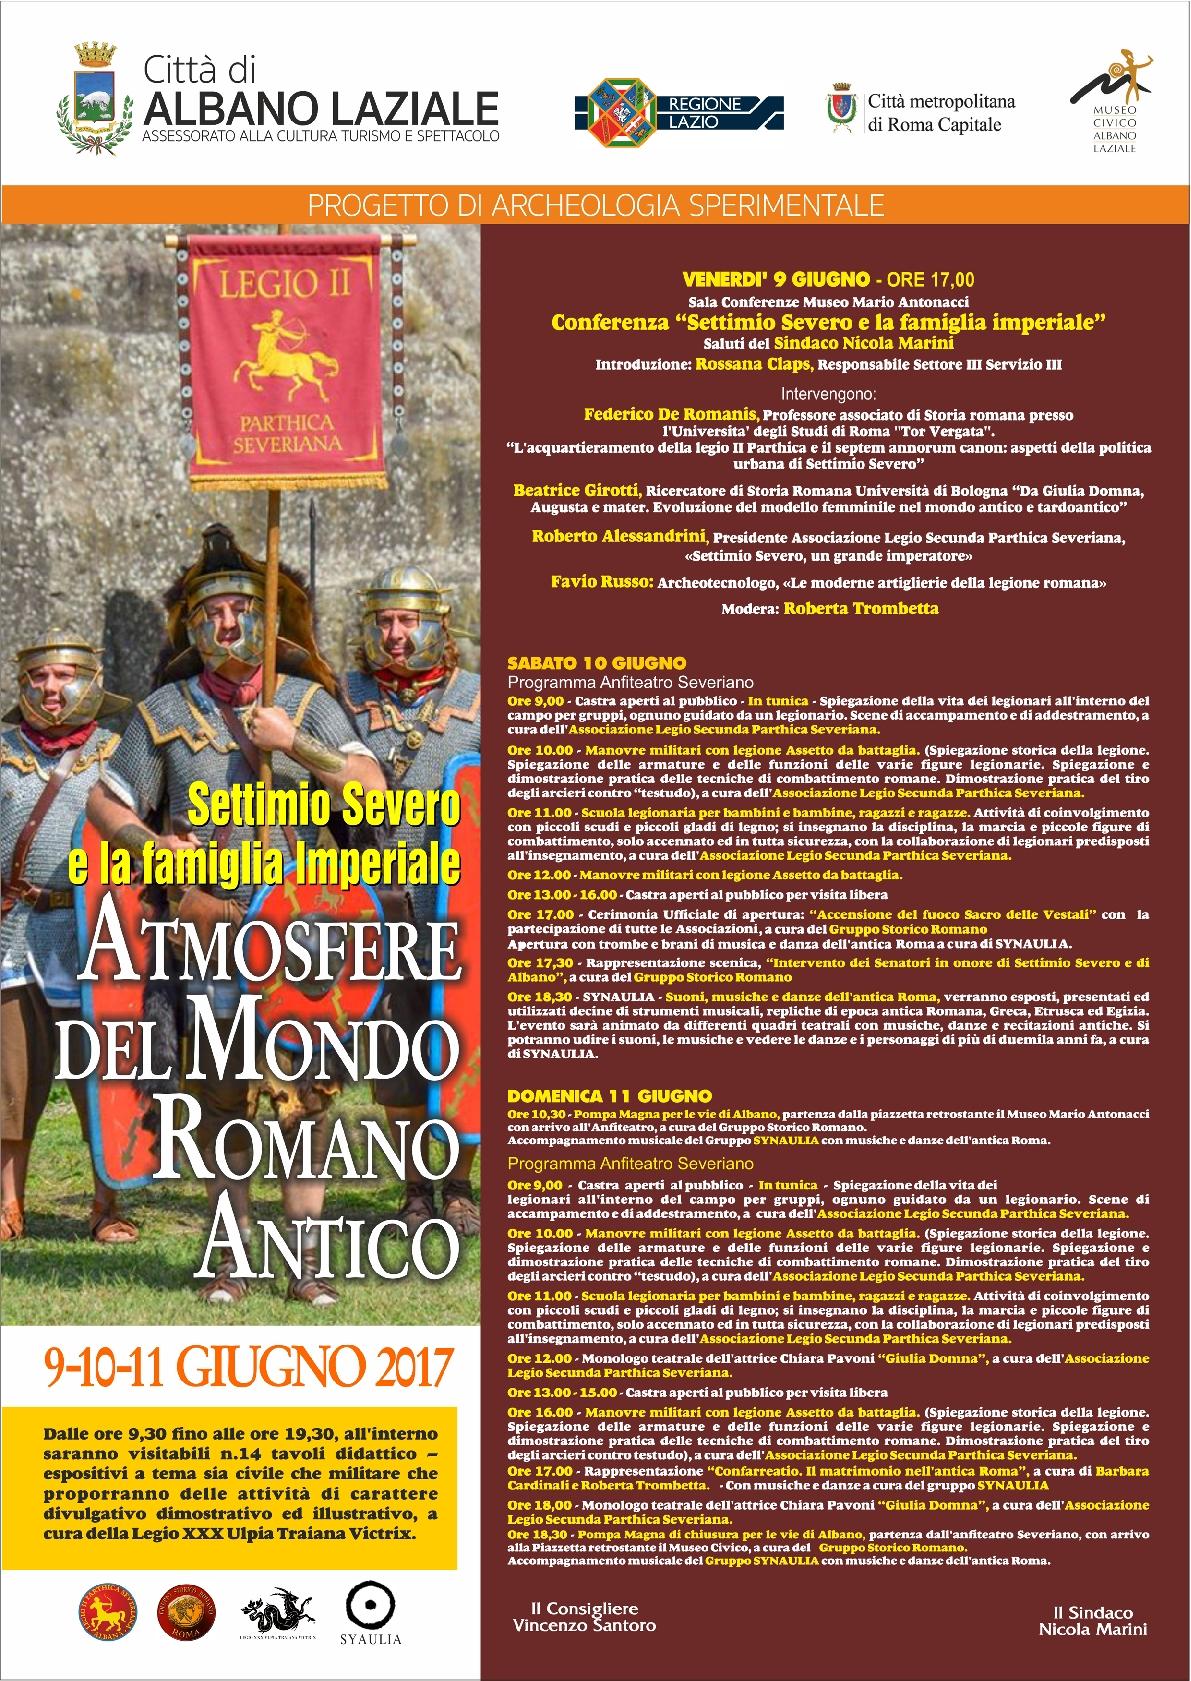 Chiara Pavoni in Giulia Domna per Atmosfere dal mondo romano antico